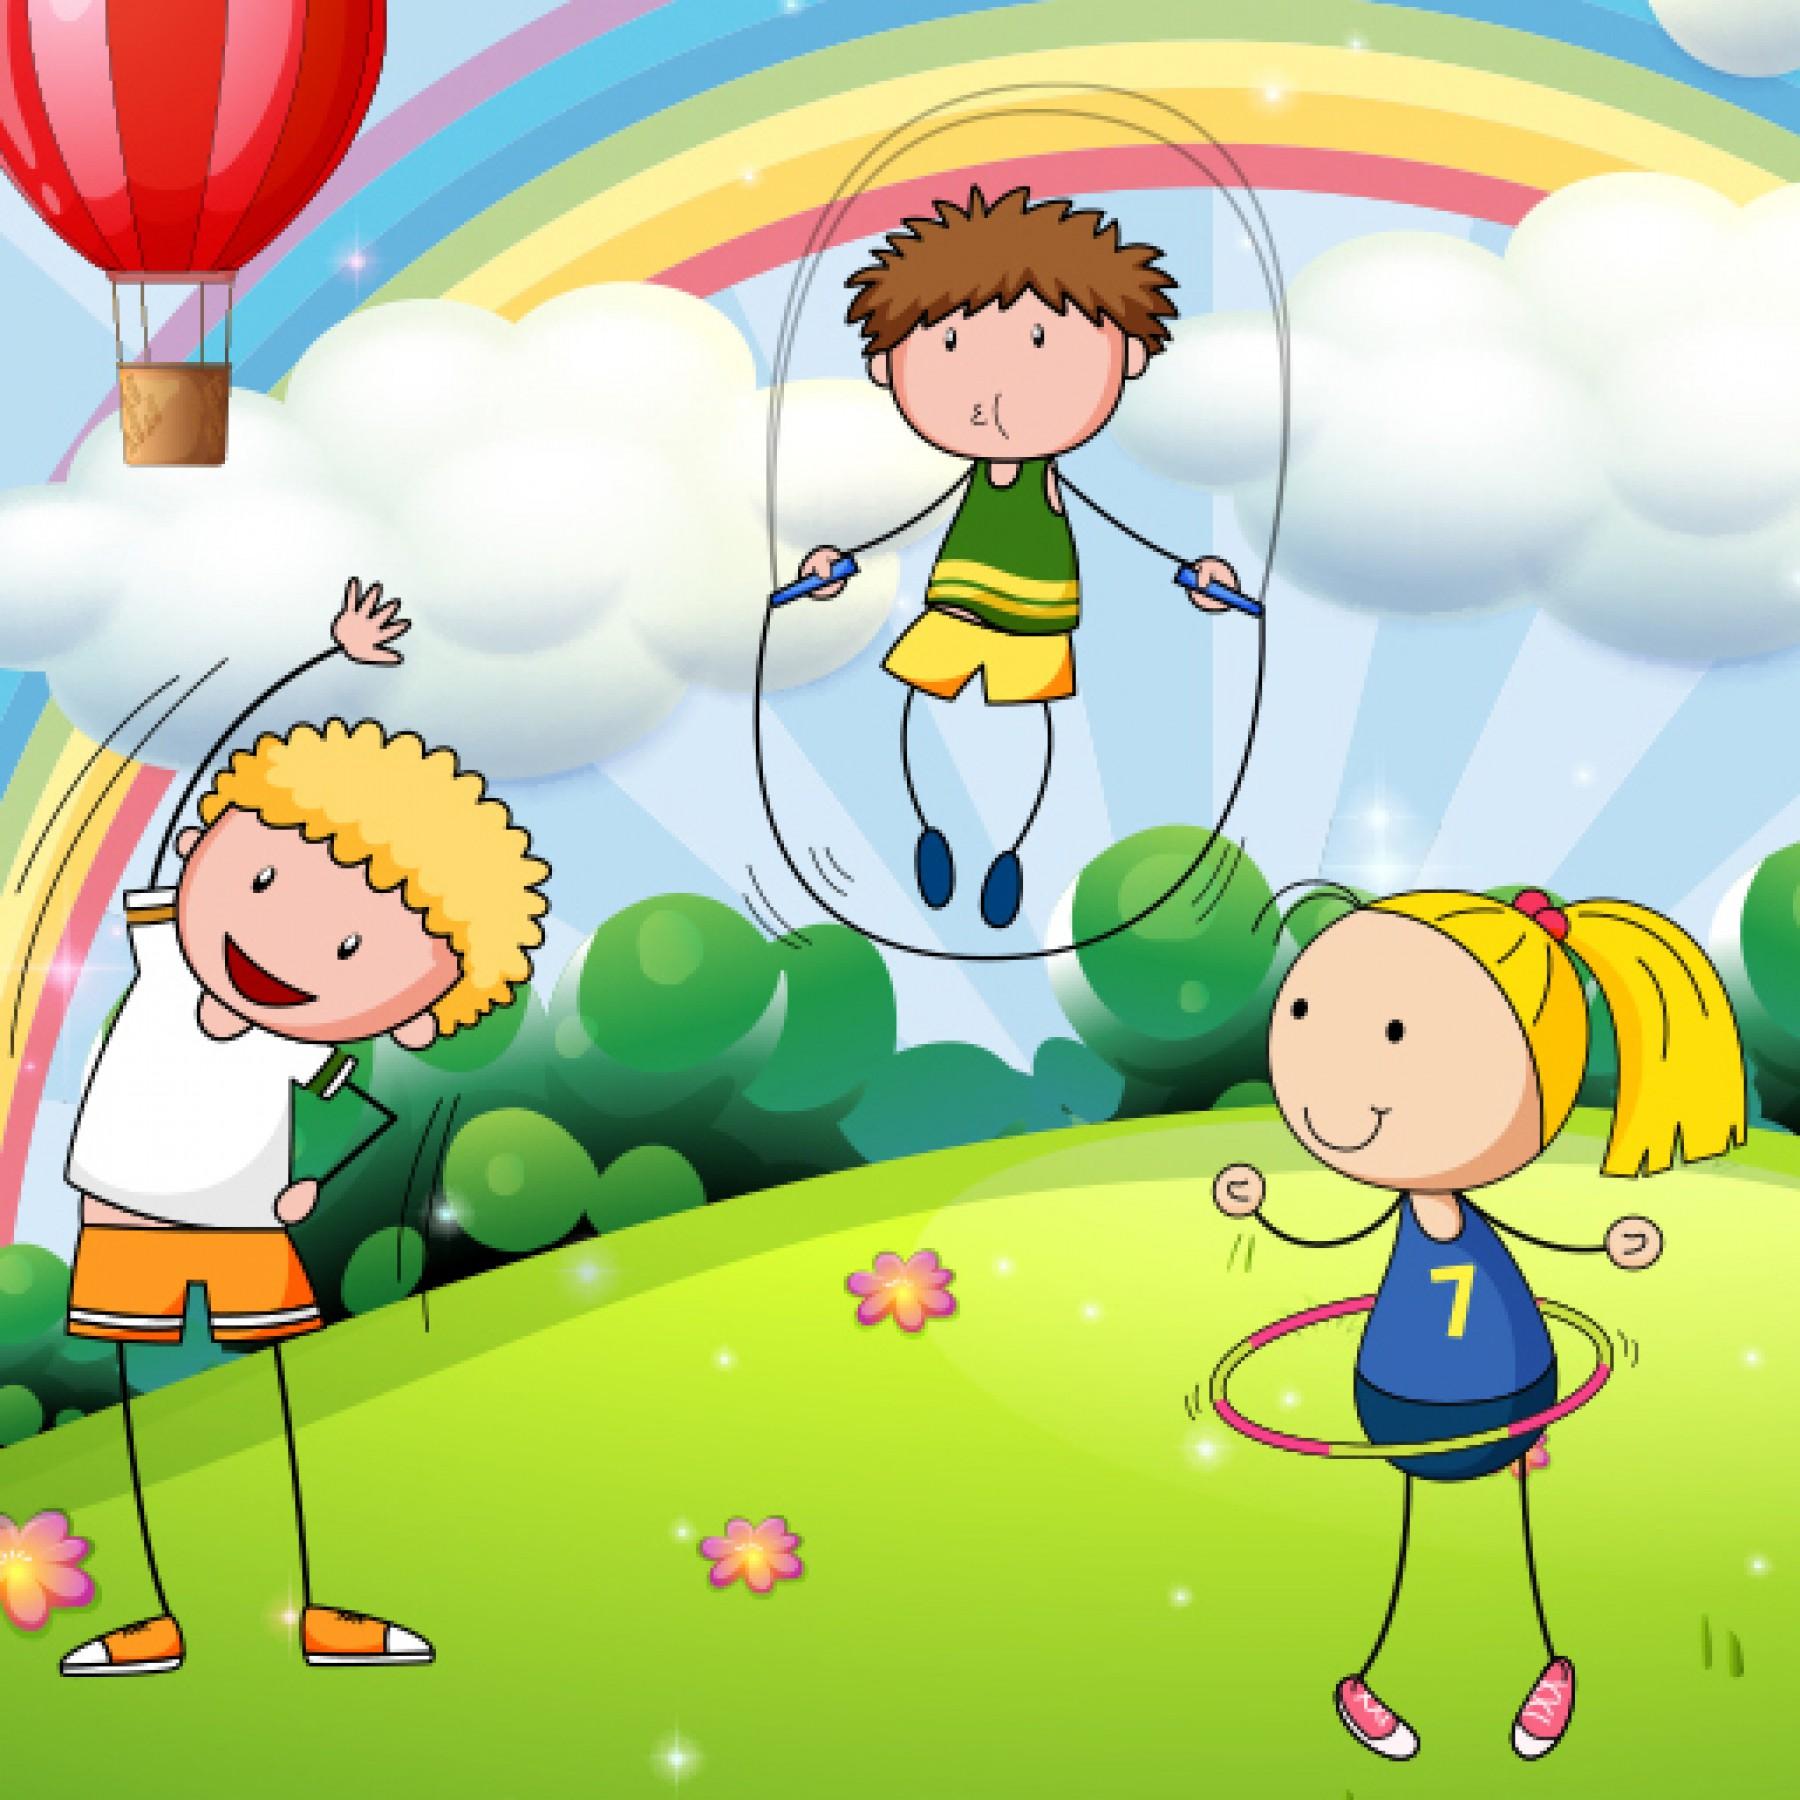 exercise-symbols-playtime-active-kids-sports-languages-life-skills-communication-education-main-location1